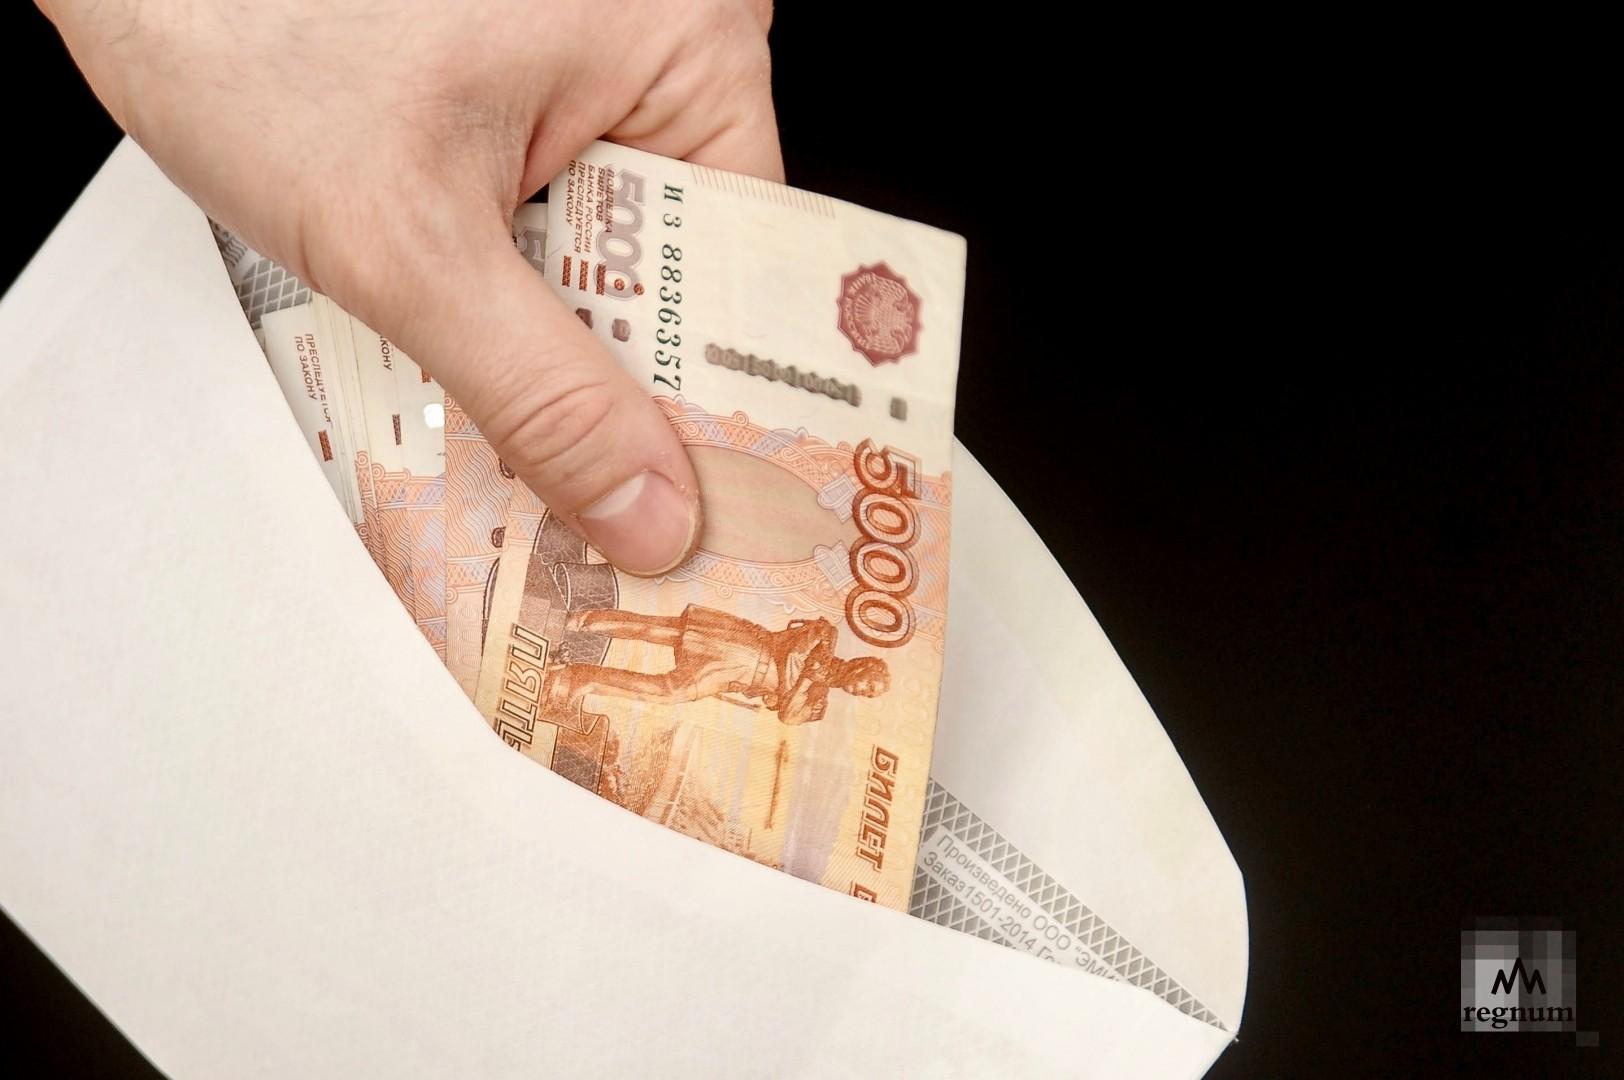 Нижегородский борец с коррупцией подозревается во взяточничестве